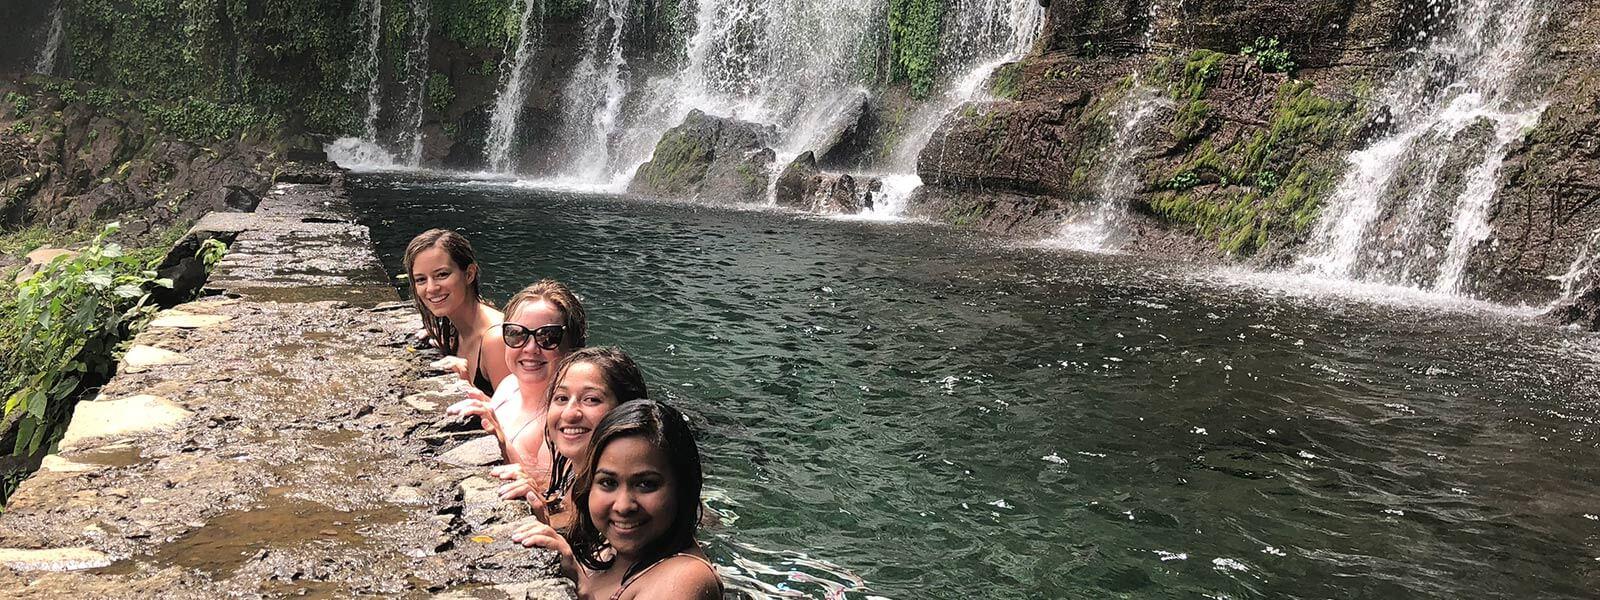 one day tours el salvador chorros de la calera juayua waterfalls, ruta de las flores el salvador